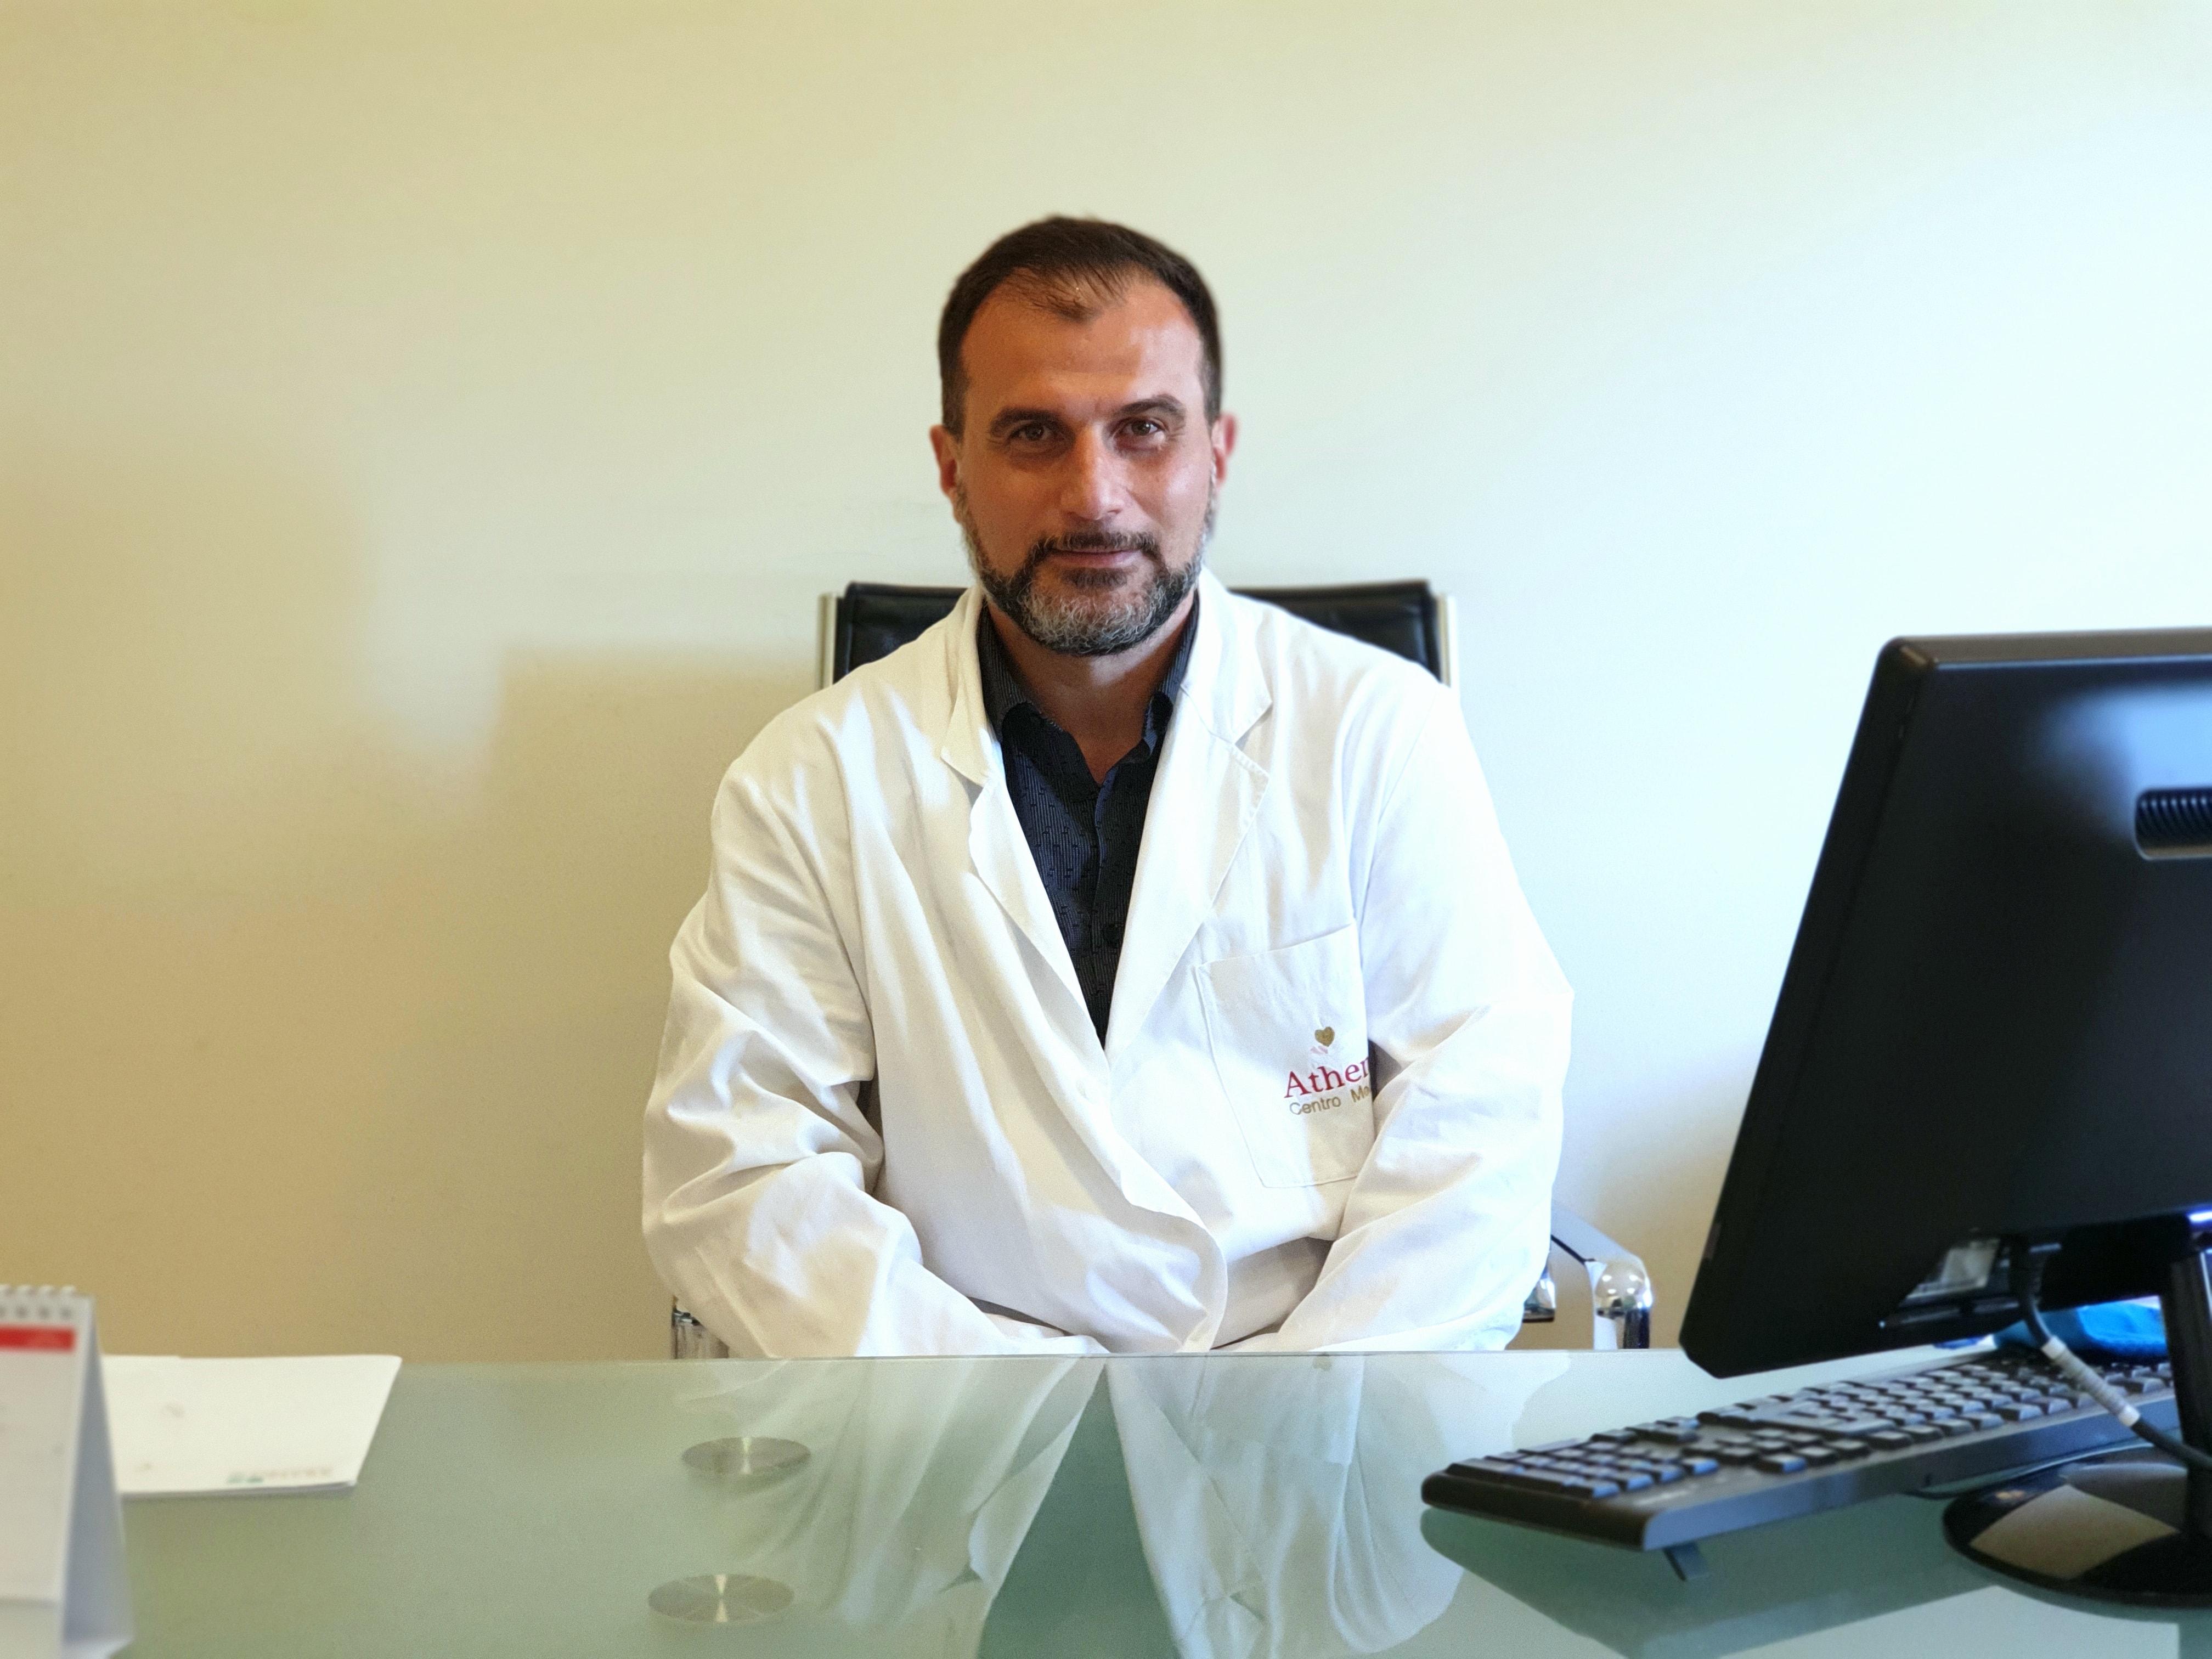 Poliambulatorio Rimini: Athena Centro Medico d'eccellenza